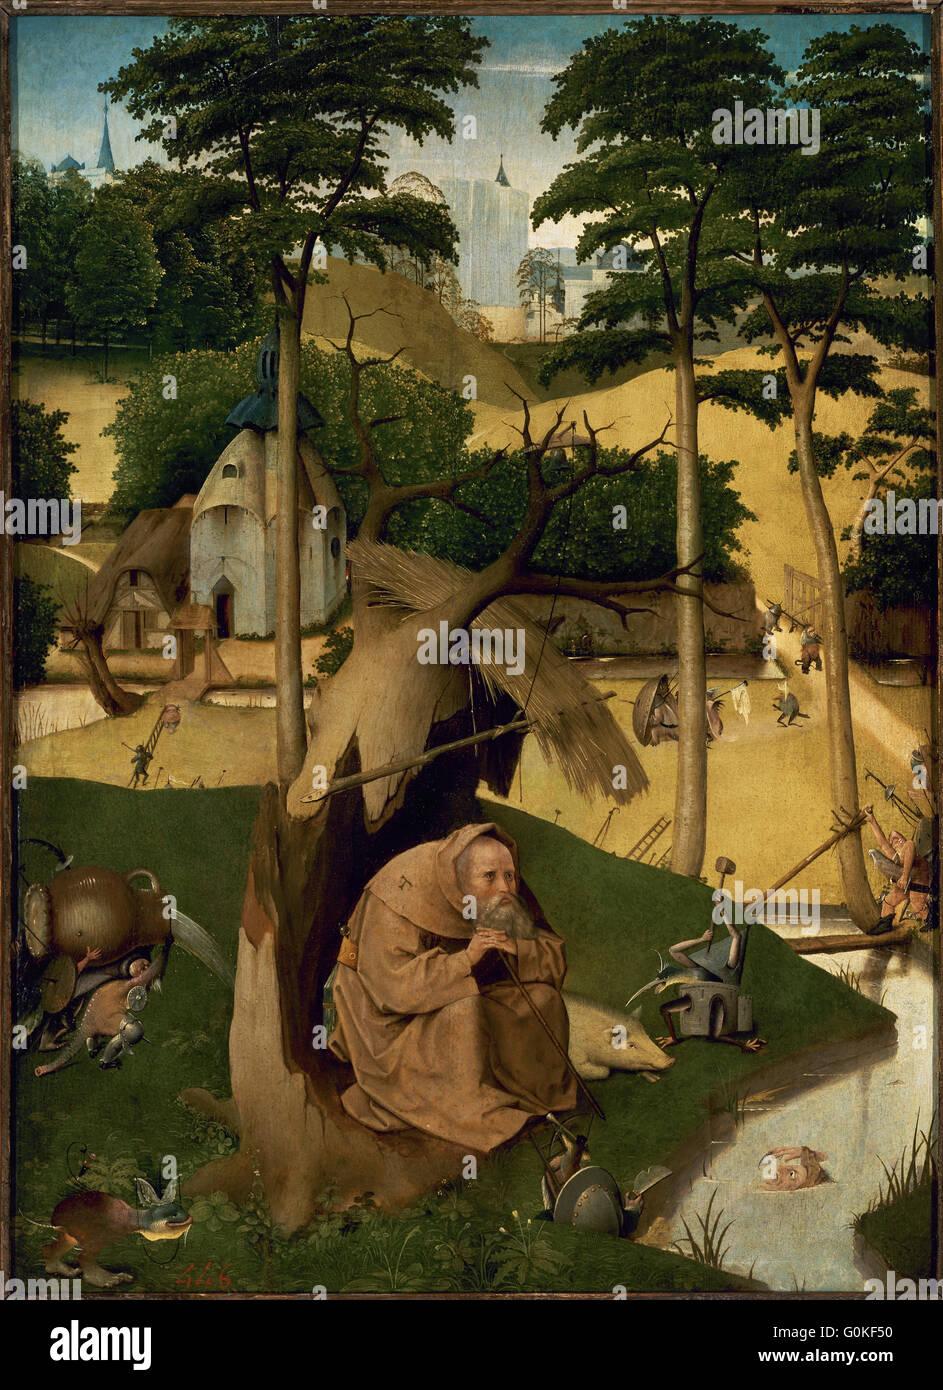 Jérôme Bosch (c.1450-1516). Peintre hollandais. La Tentation de Saint Antoine, c.1490. Musée du Prado. Photo Stock